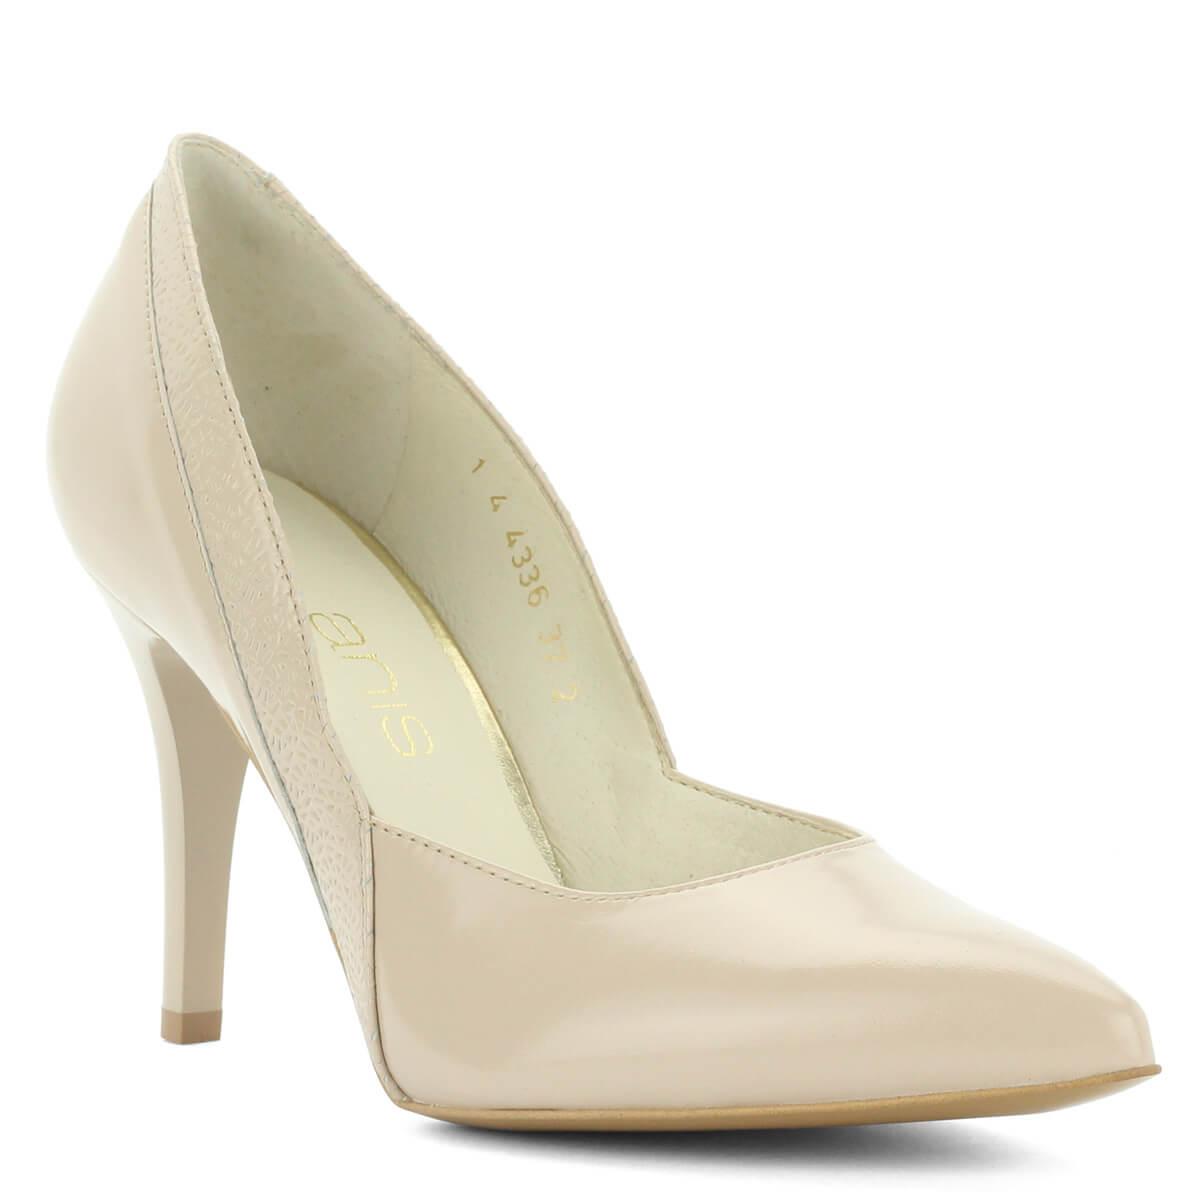 d365ad0d8f Anis bézs színű bőr magassarkú cipő nyomott mintával. Sarka 9 cm  magasDomini Cipőüzlet